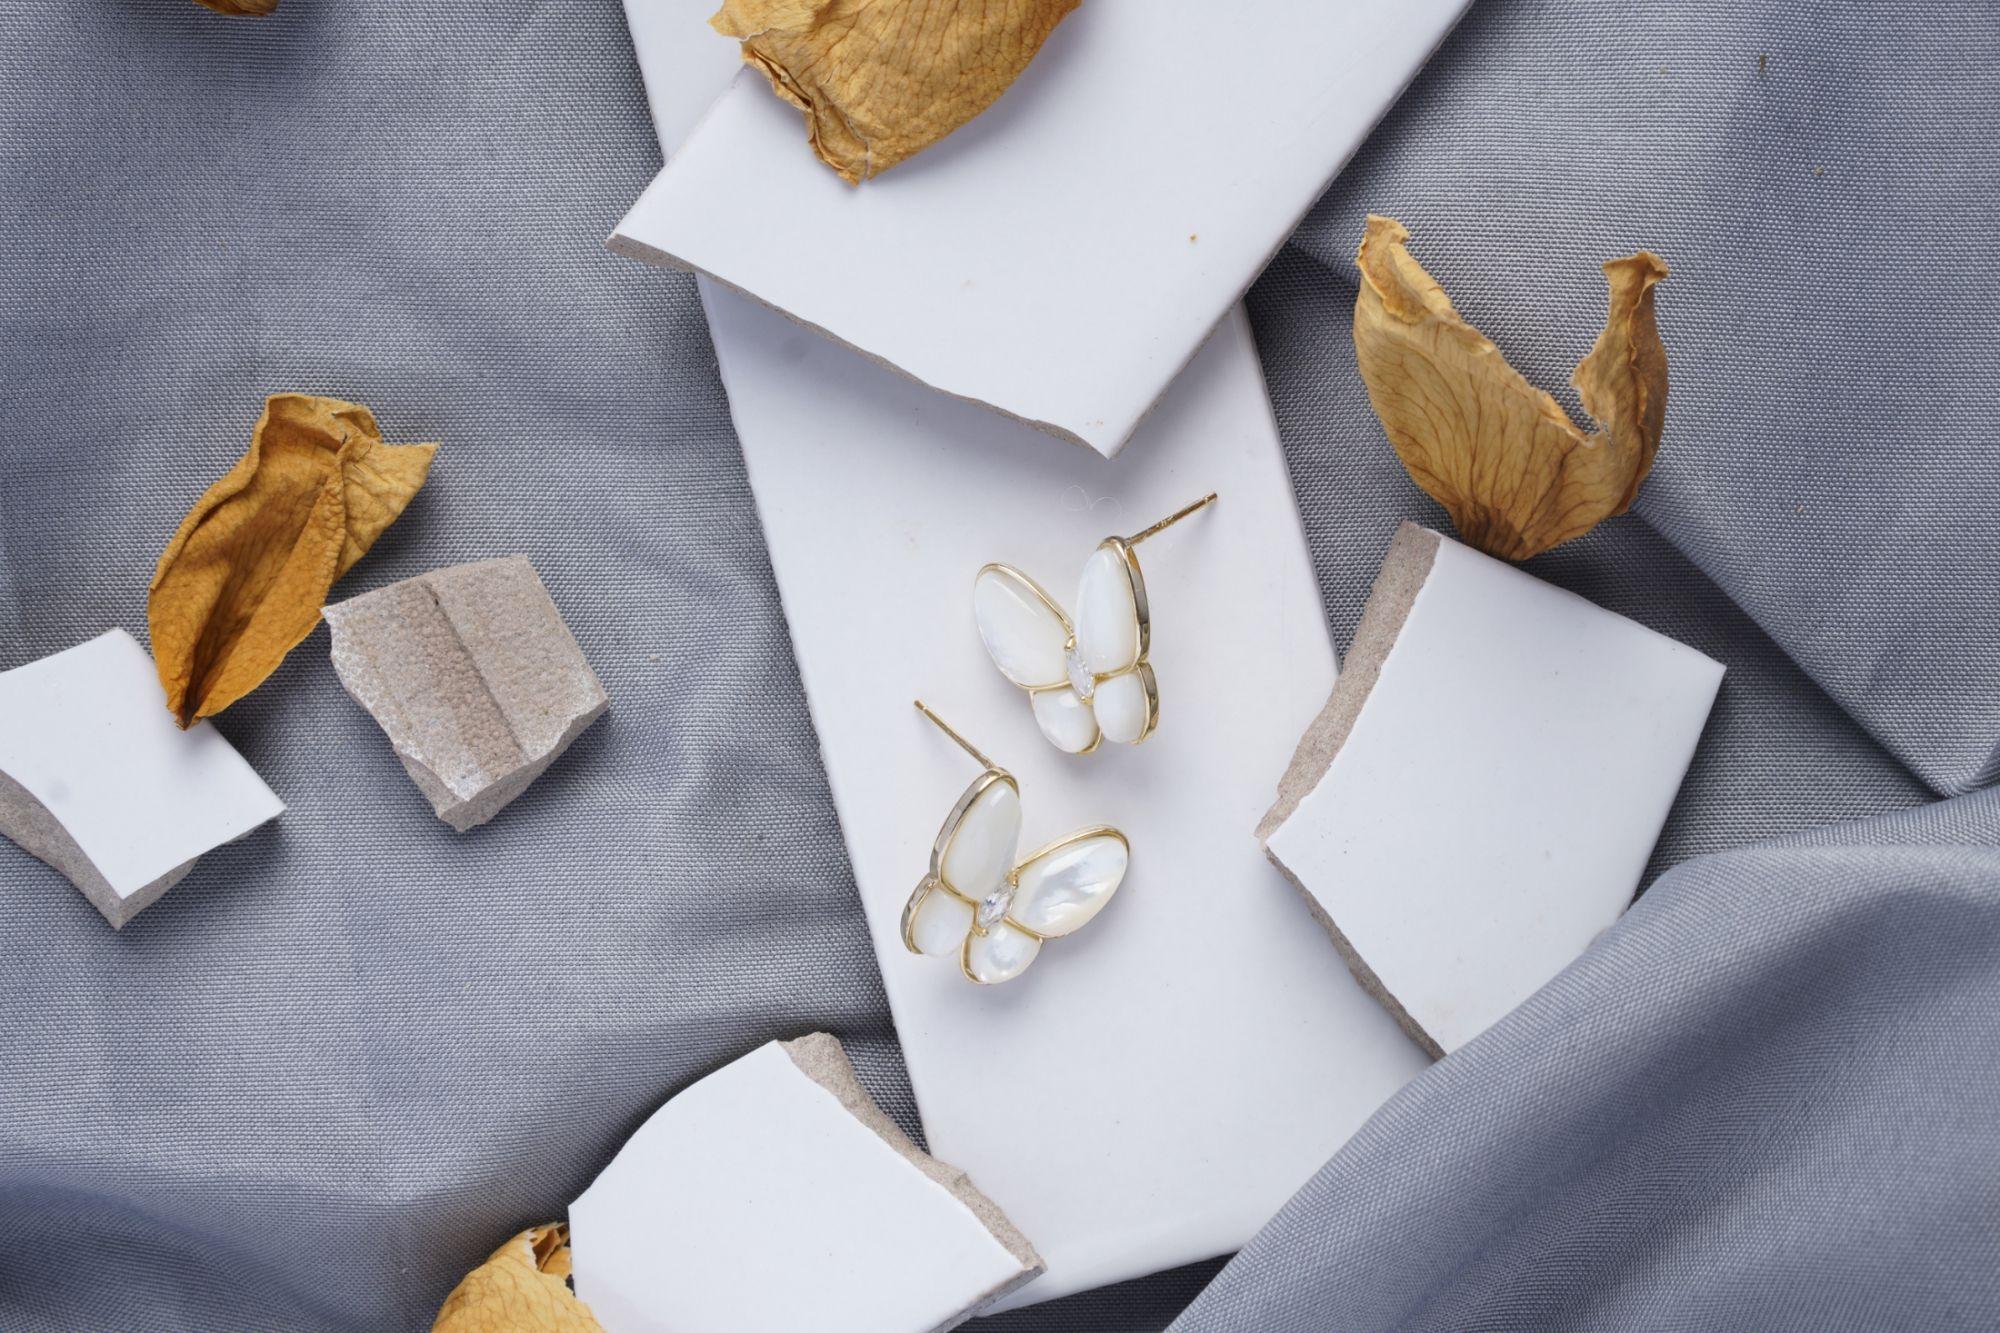 珍珠(珠宝)产品拍摄 飞特网 原创产品摄影